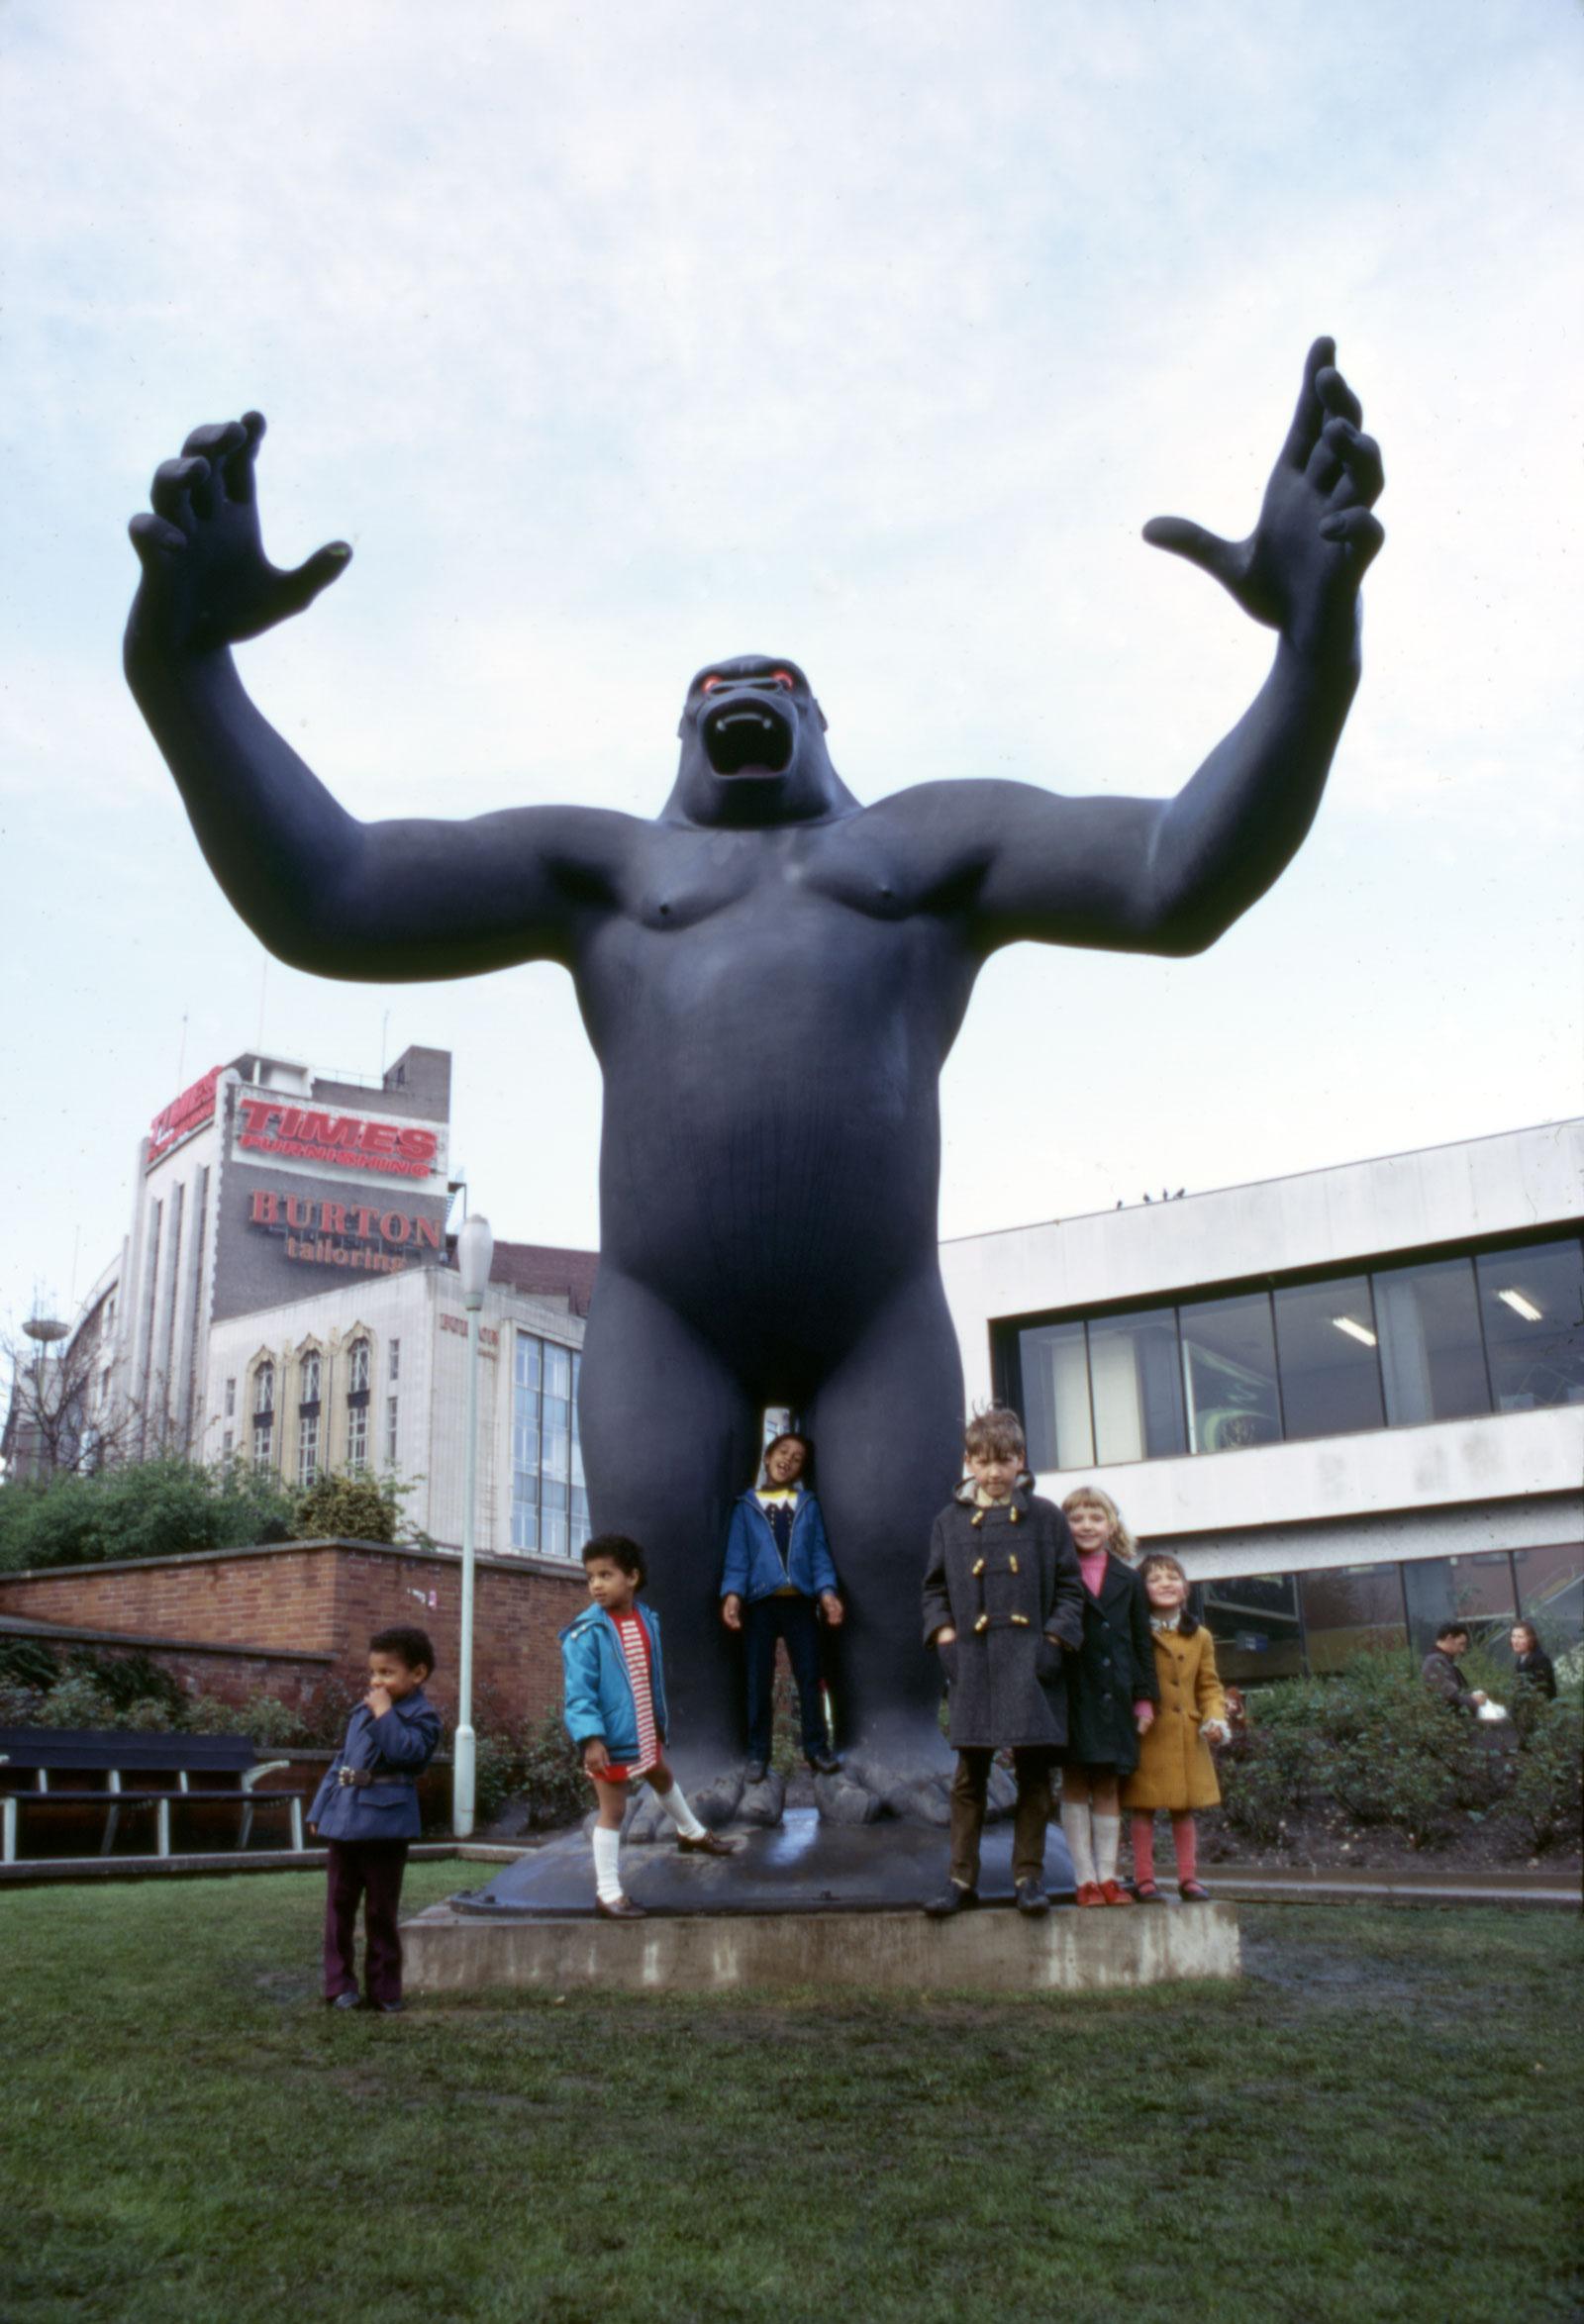 Nicholas Monro's King Kong, Manzoni Gardens, Birmingham, England, 1972